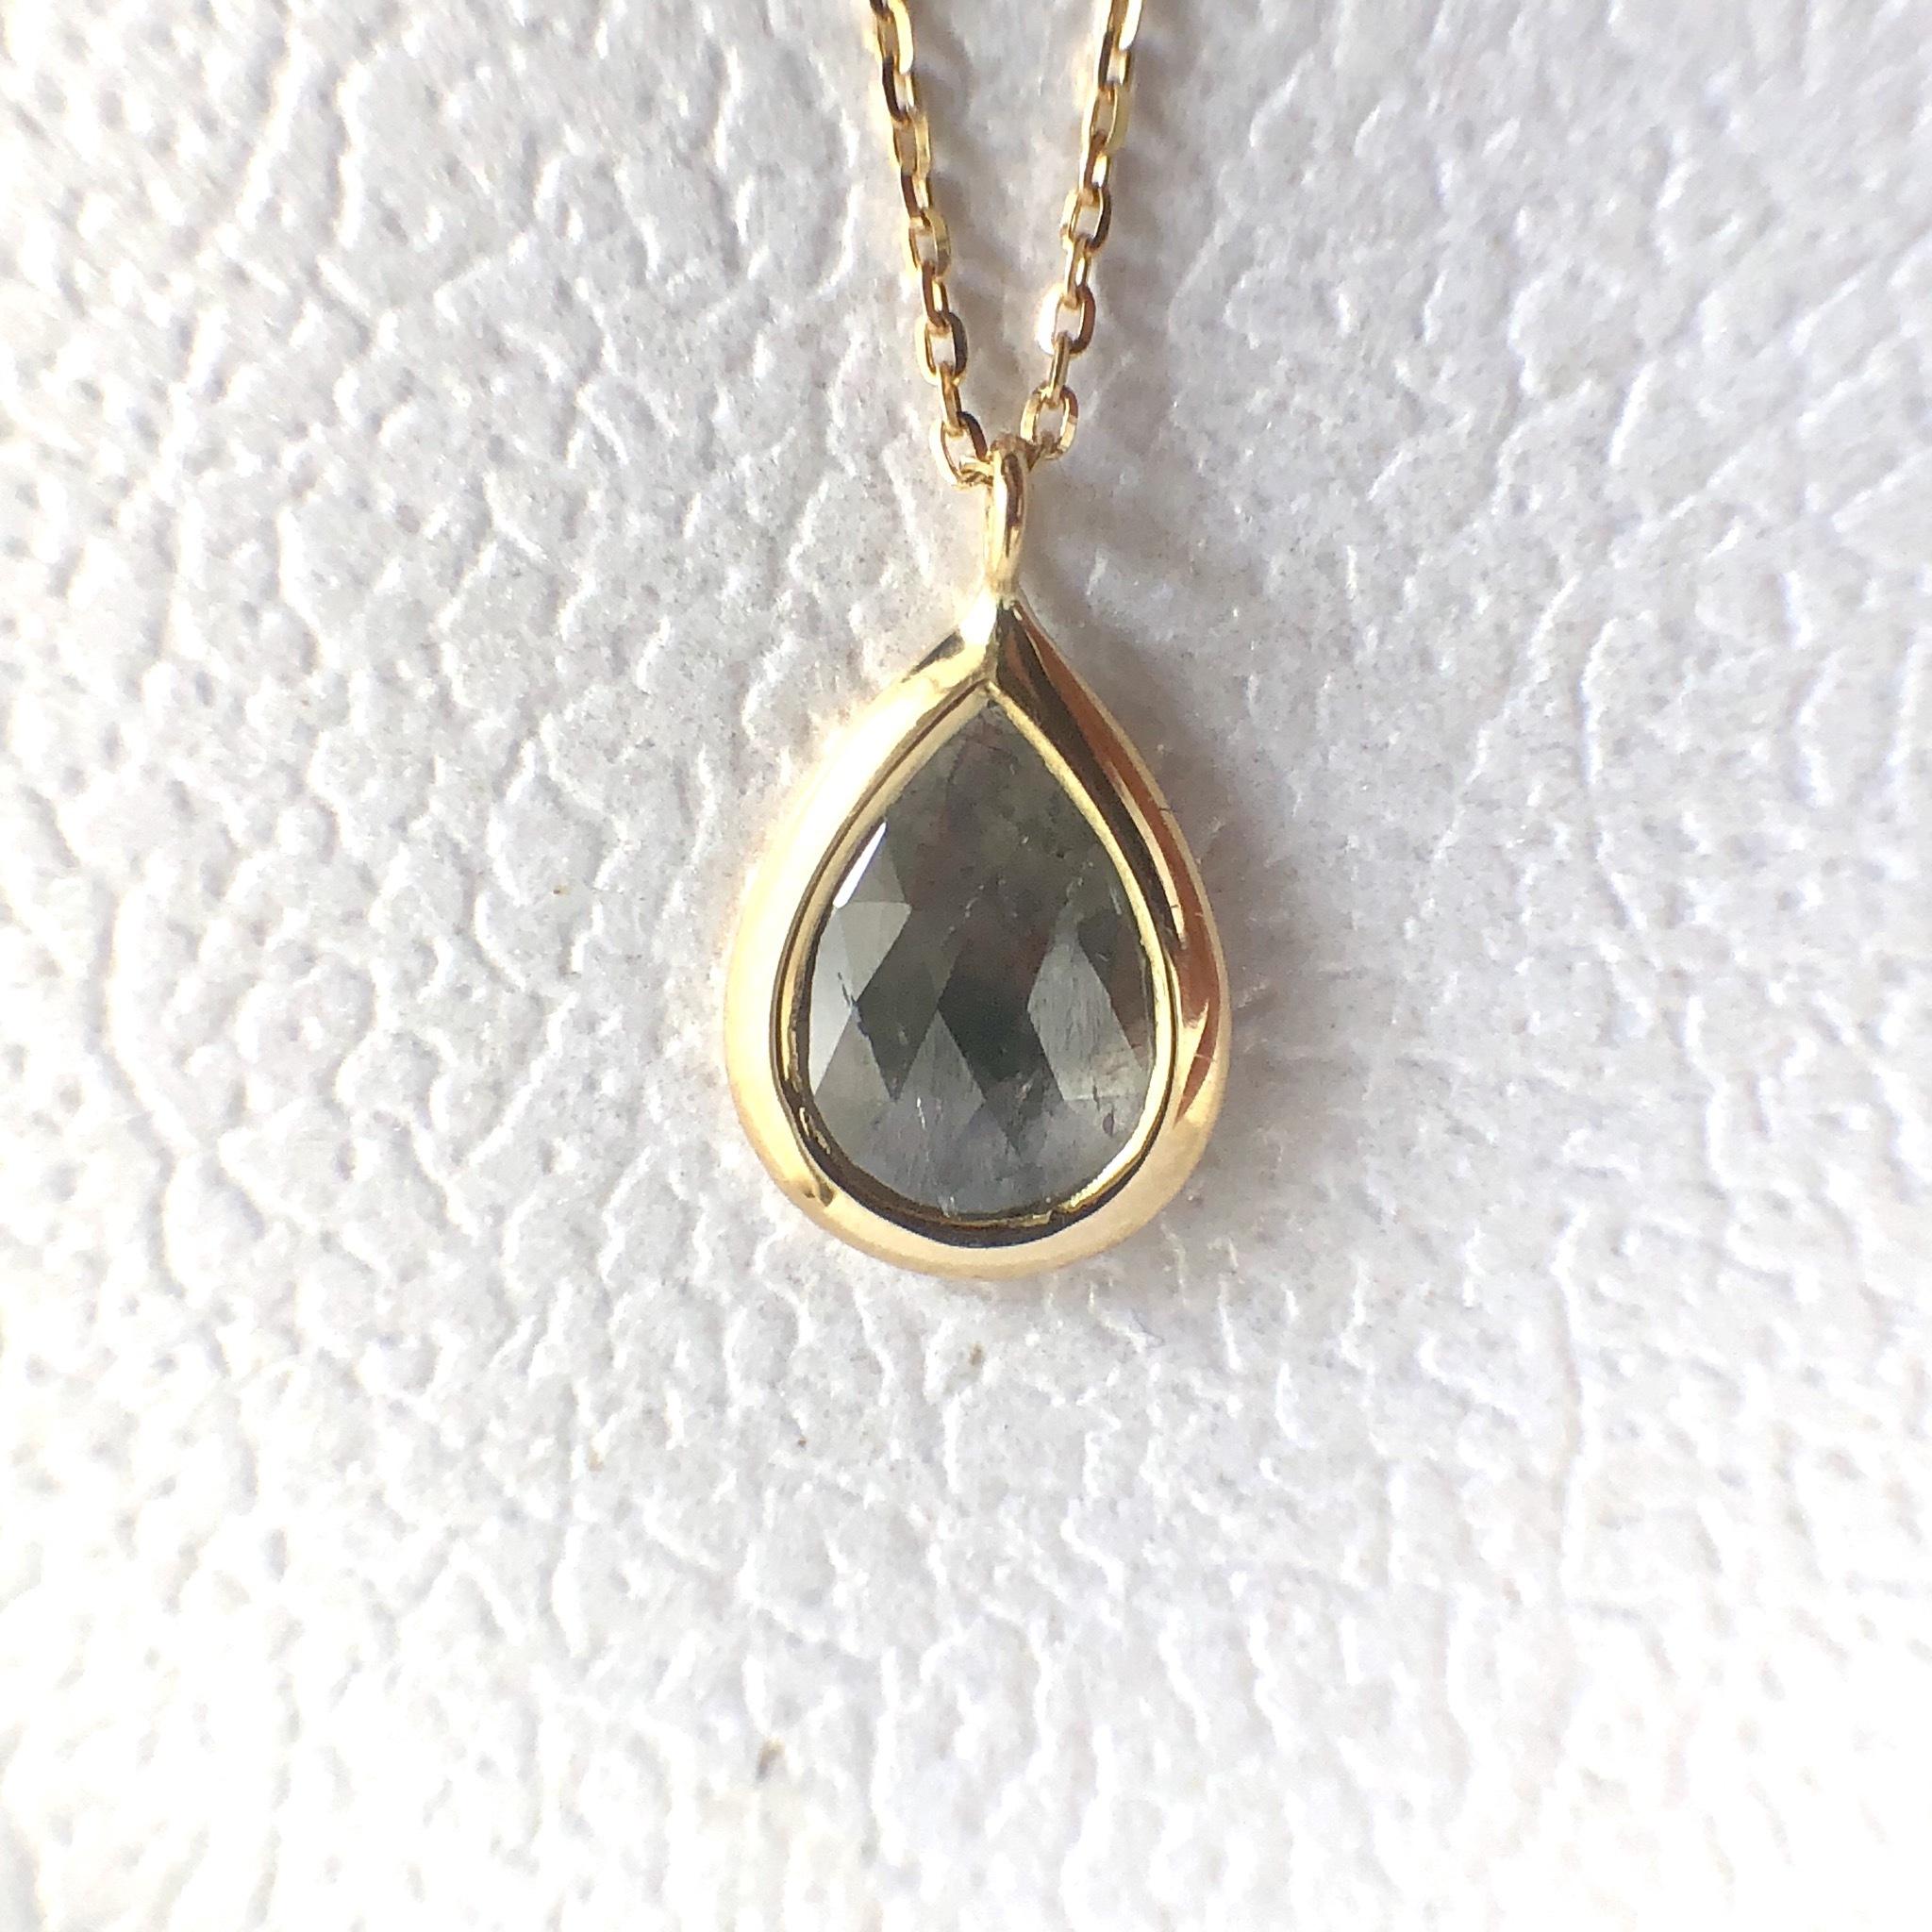 ナチュラルダイヤモンド ペンダント  0.580ct チェカ K18 イエローゴールド 鑑別書付